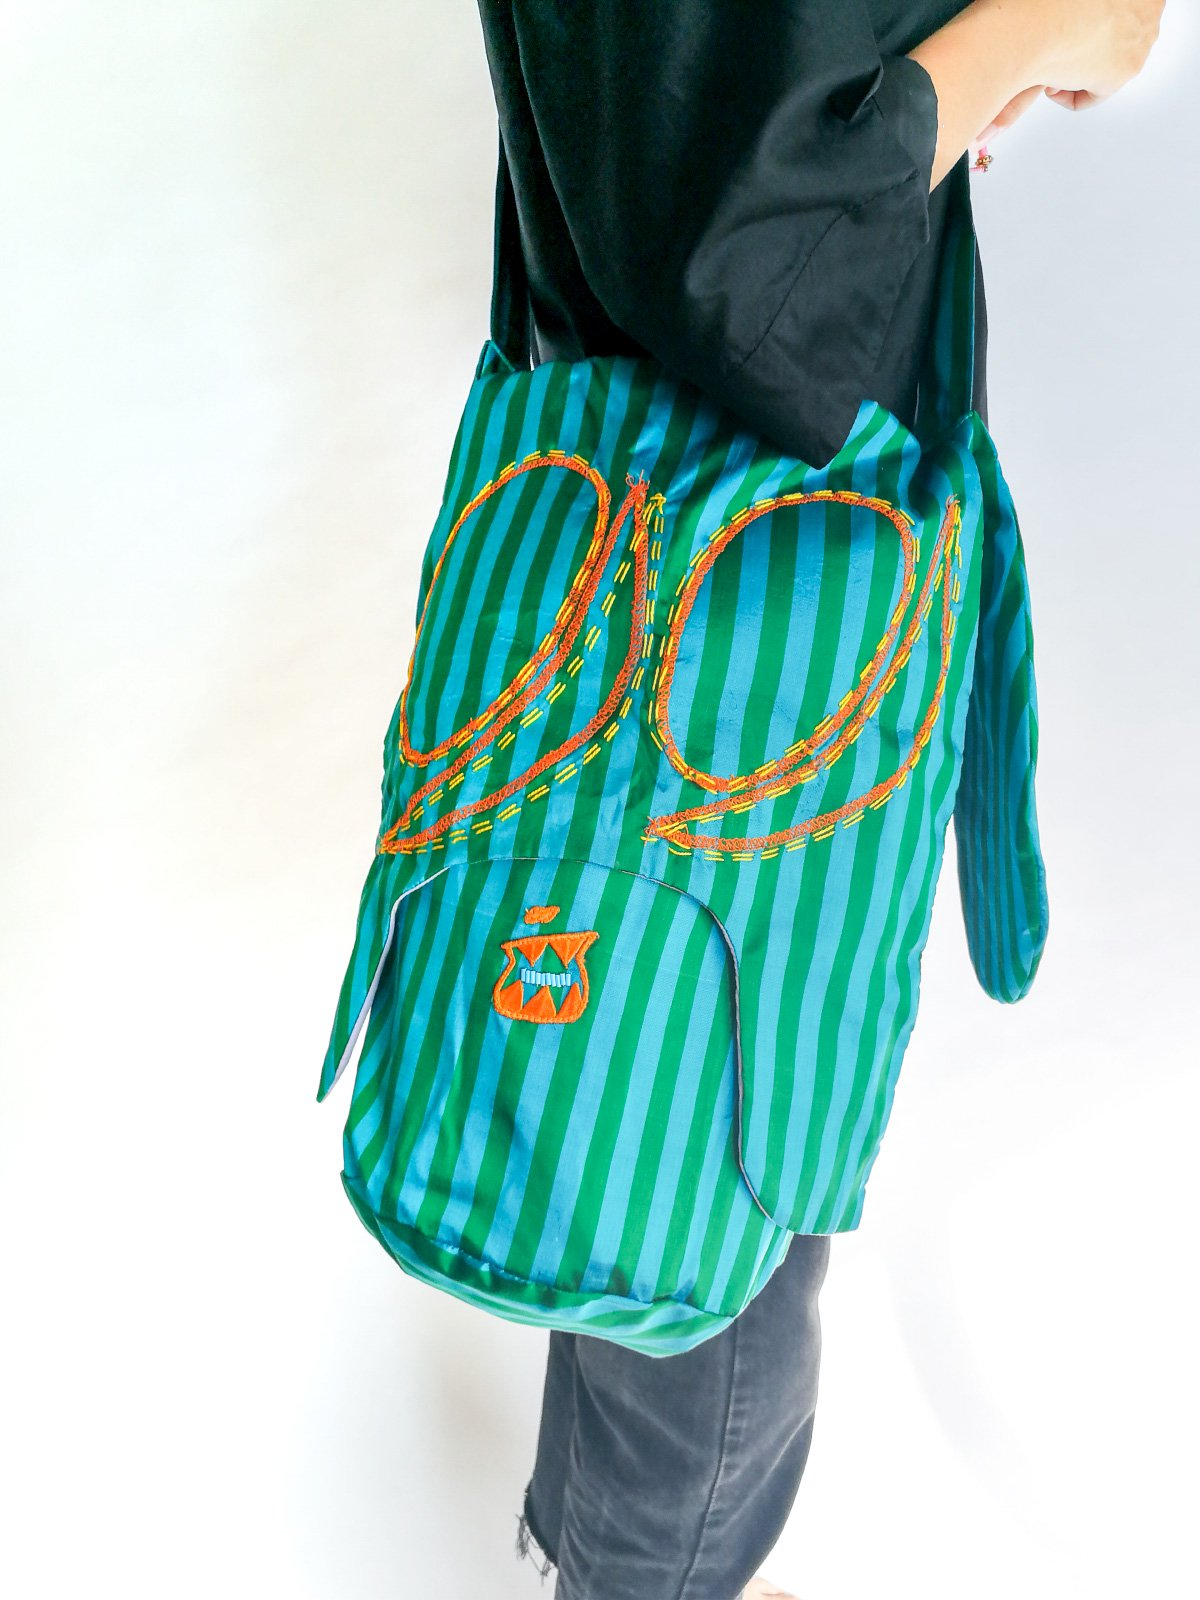 Skoloct Bag / green × blue